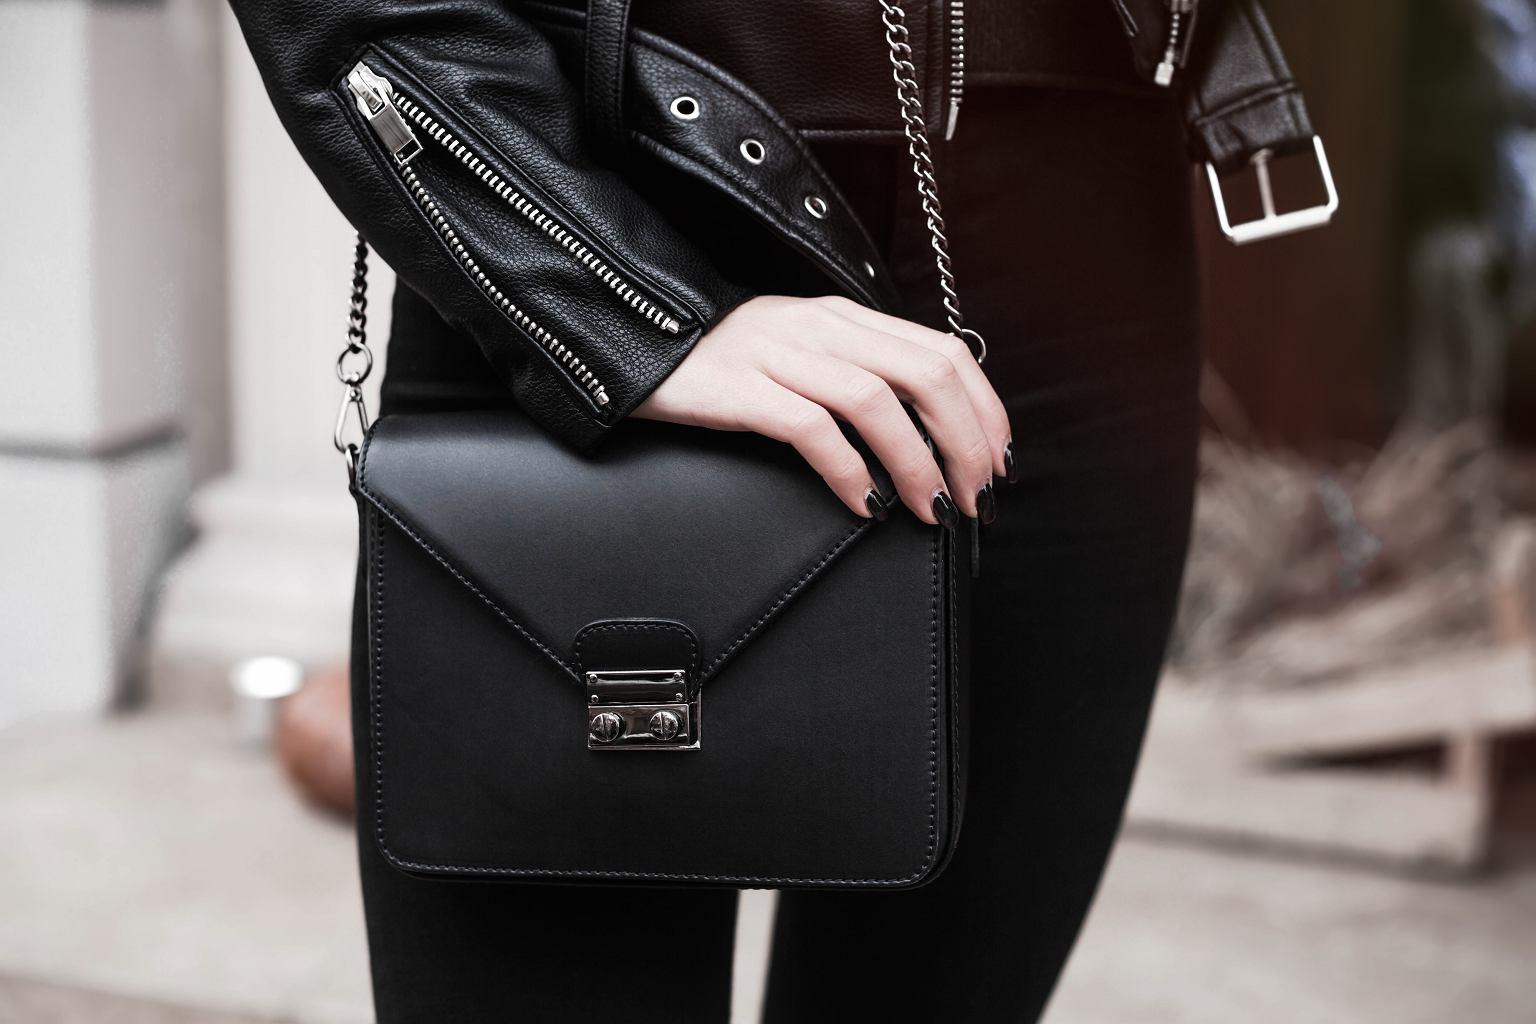 Dlaczego warto wybrać torbę z ekologicznej skóry? Oto 4